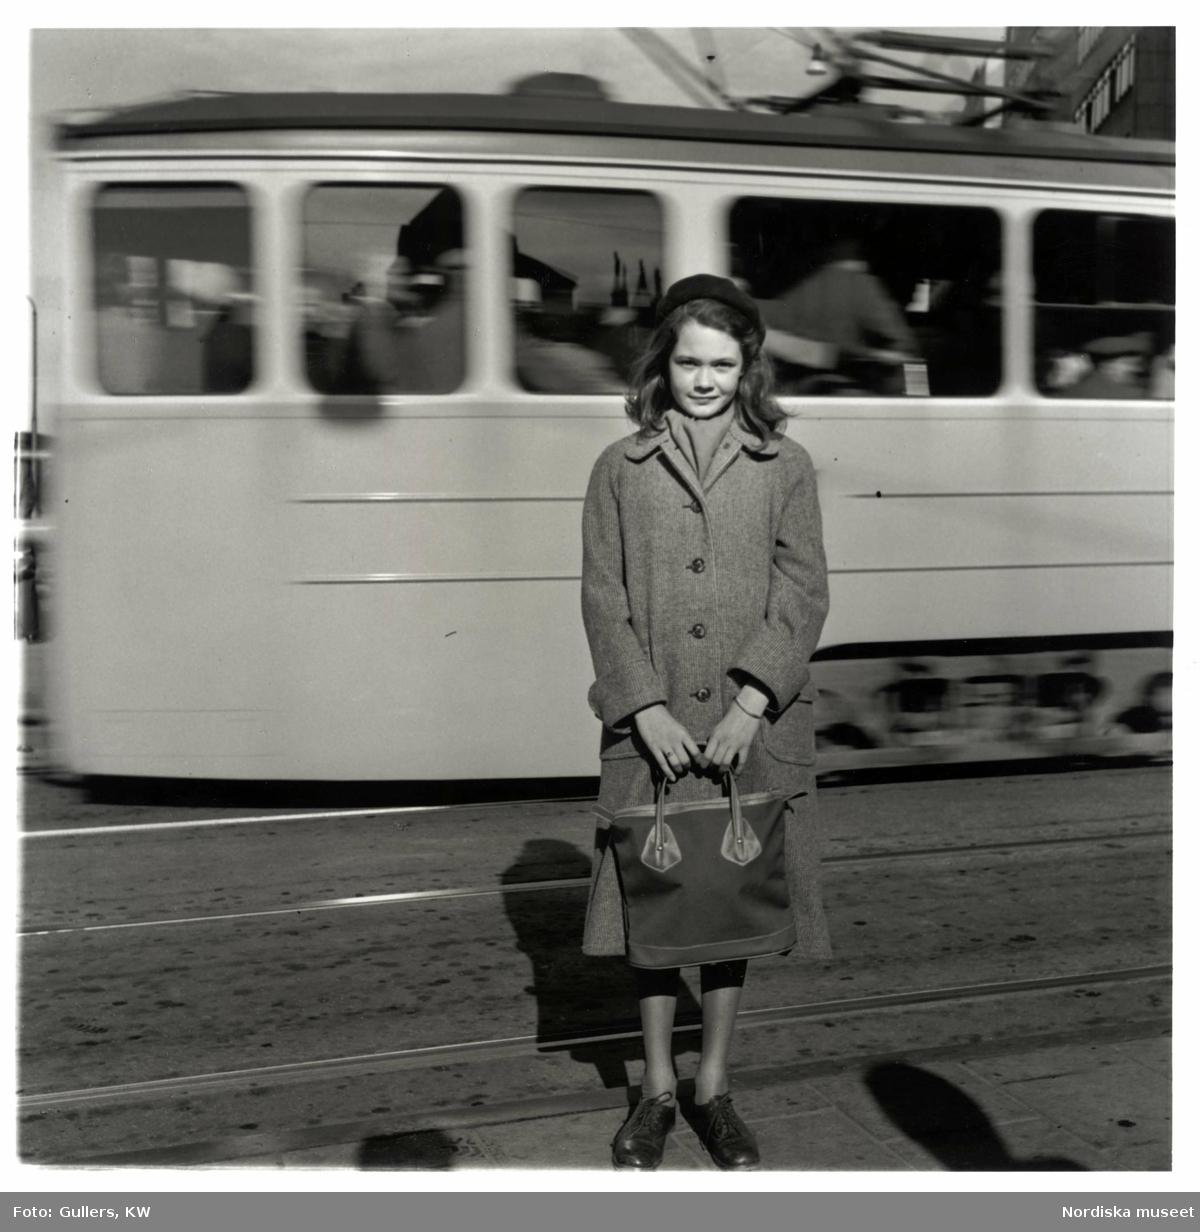 Flicka med väska framför spårvagn. Norrköping, modereportage för tidningen Vi.